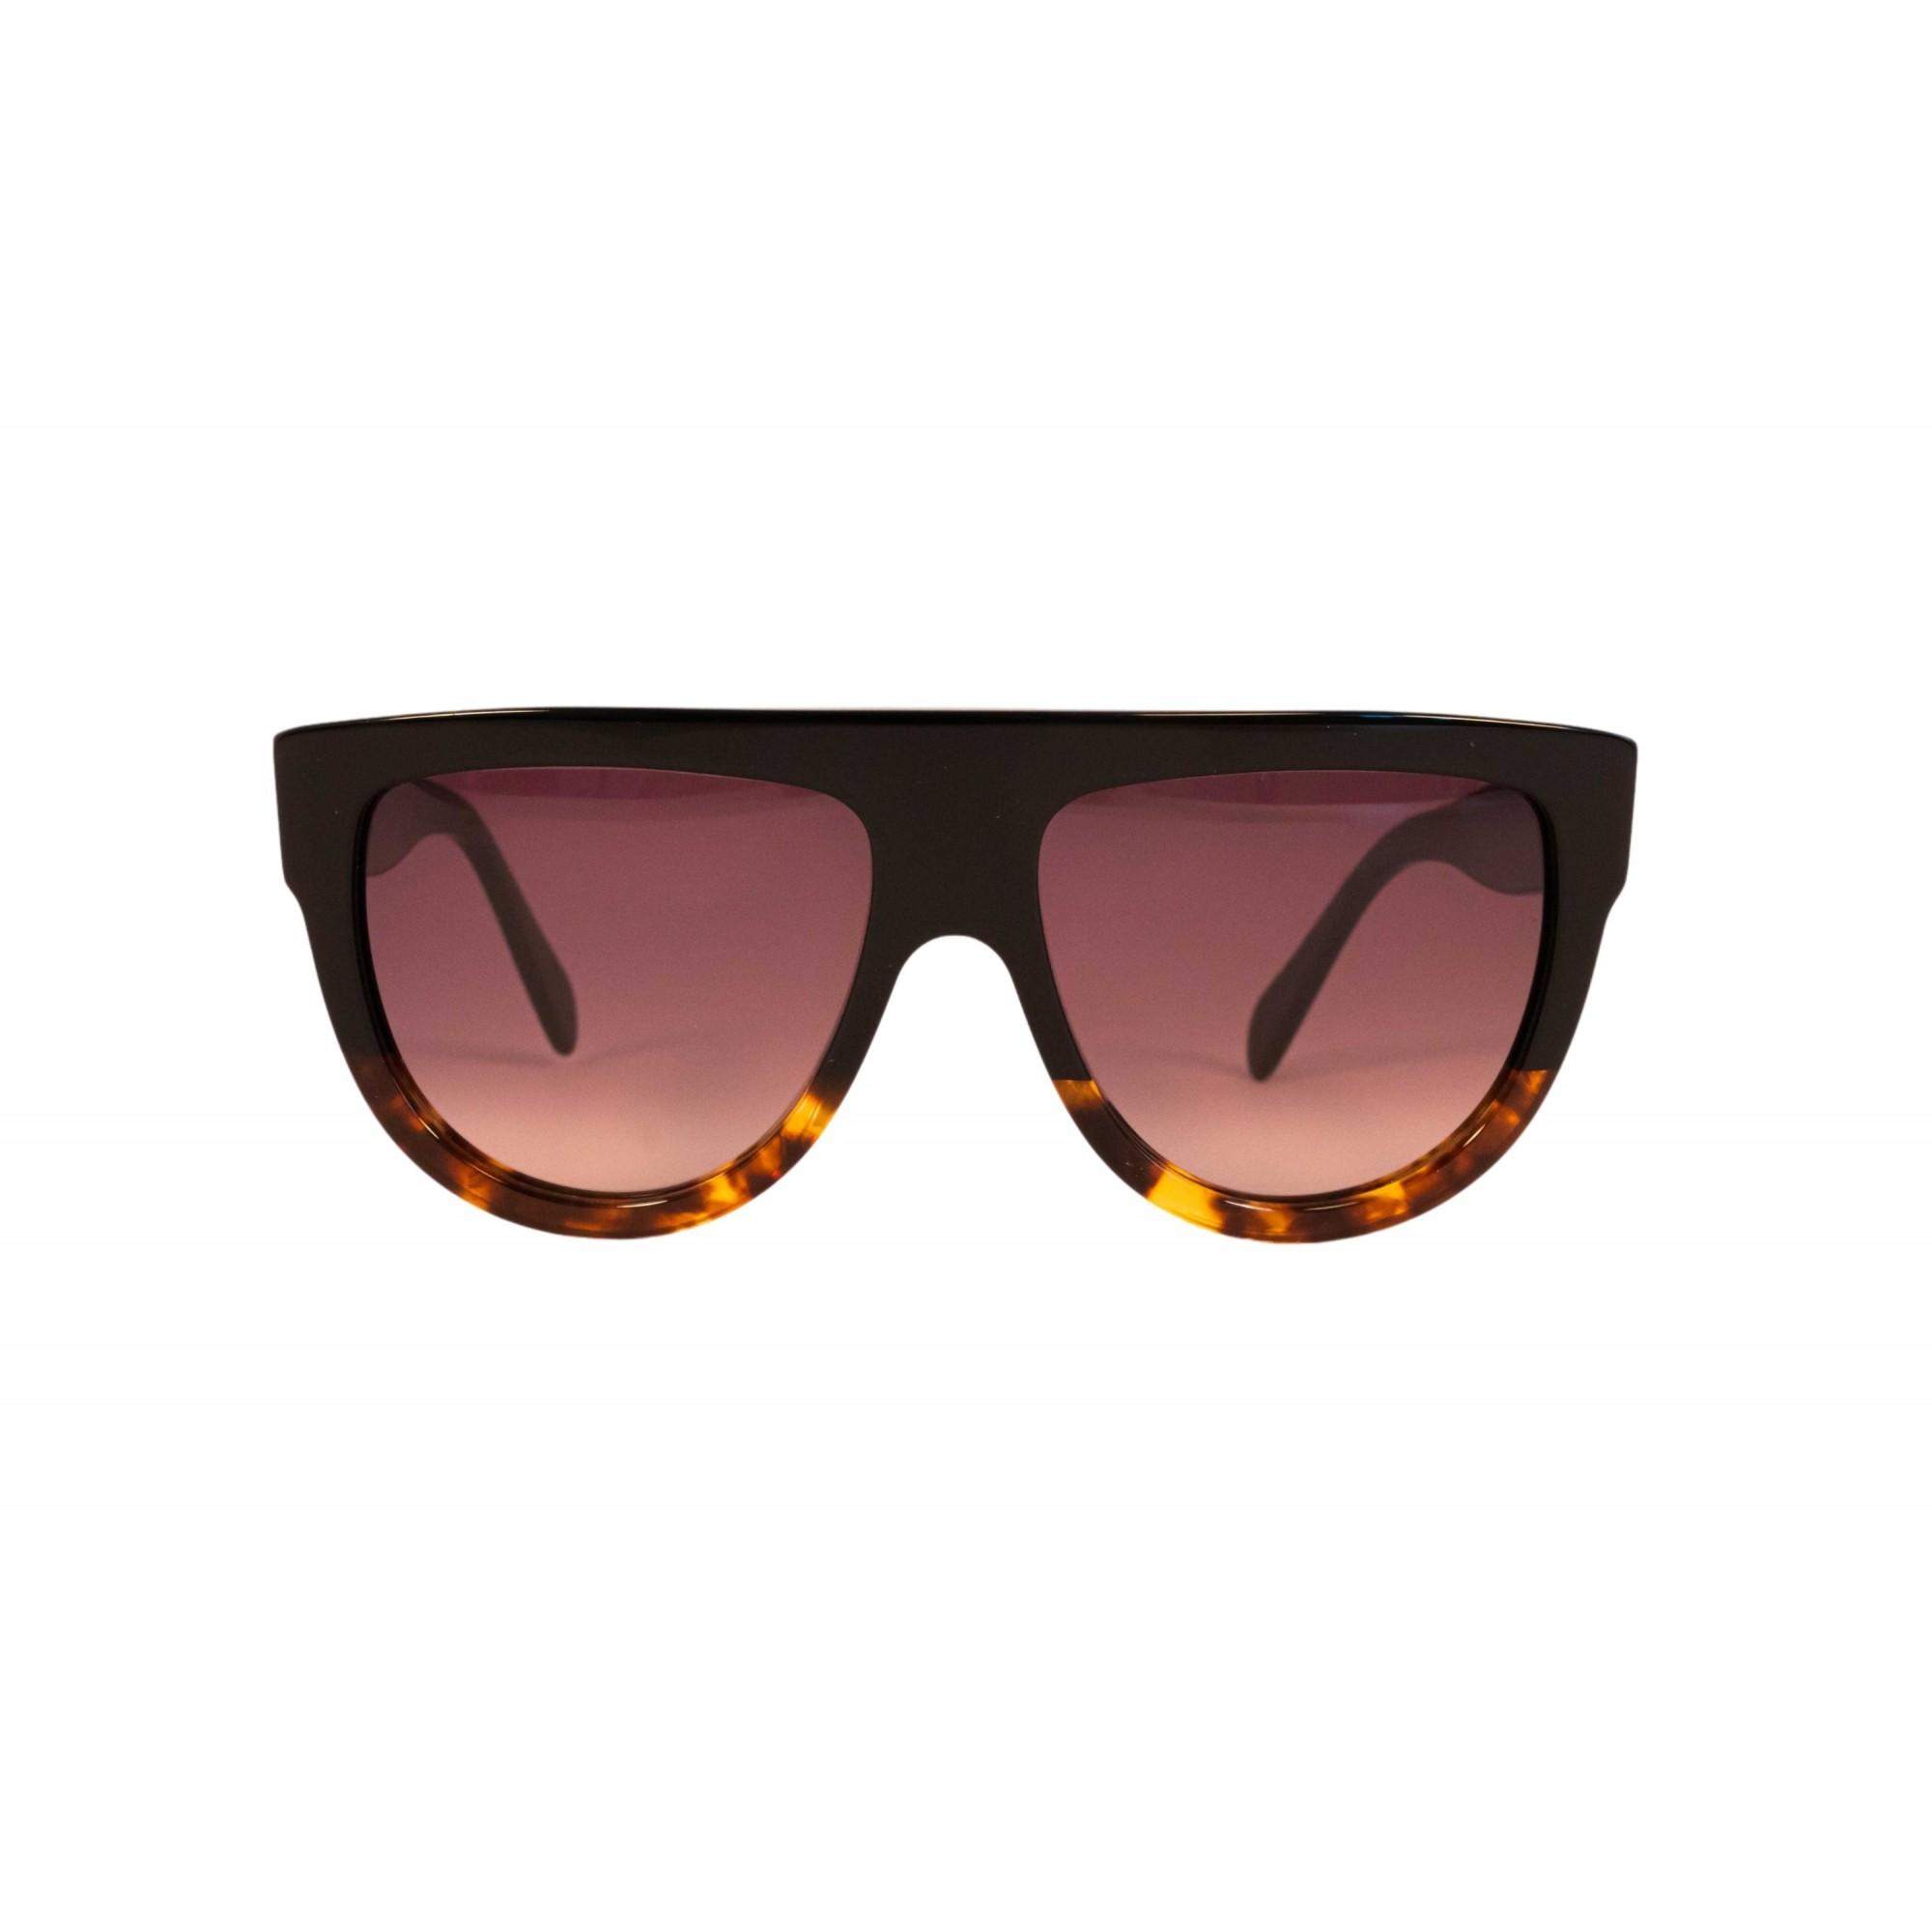 Óculos Celine Clássico cl4001in 05f 58 Preto/Tartaruga